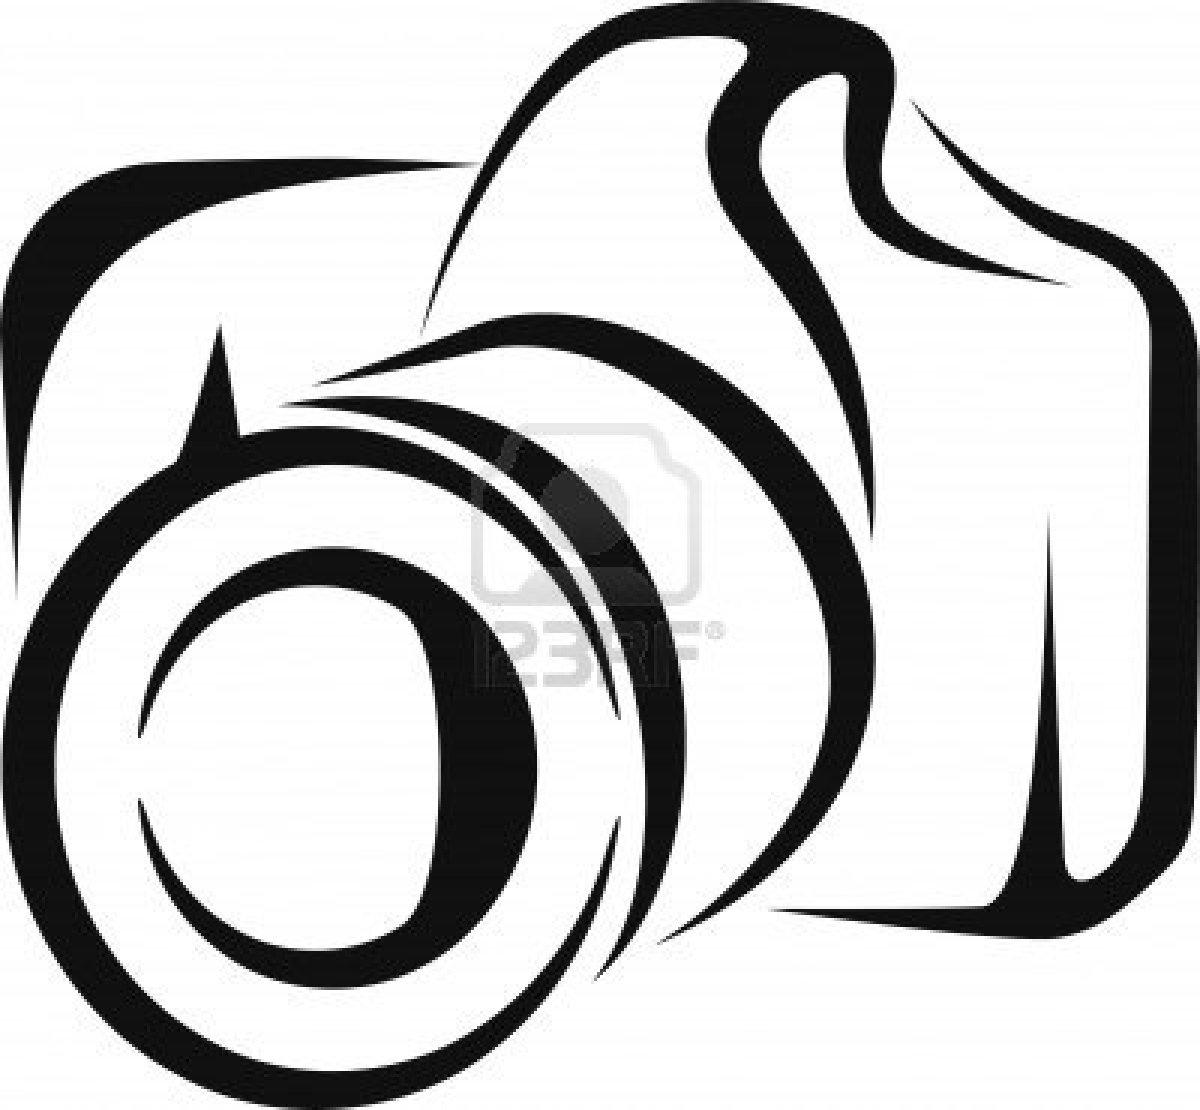 camera-flash-illustration-camera-clipart-8395804-camera.jpg: www.clipartpanda.com/categories/camera-flash-illustration